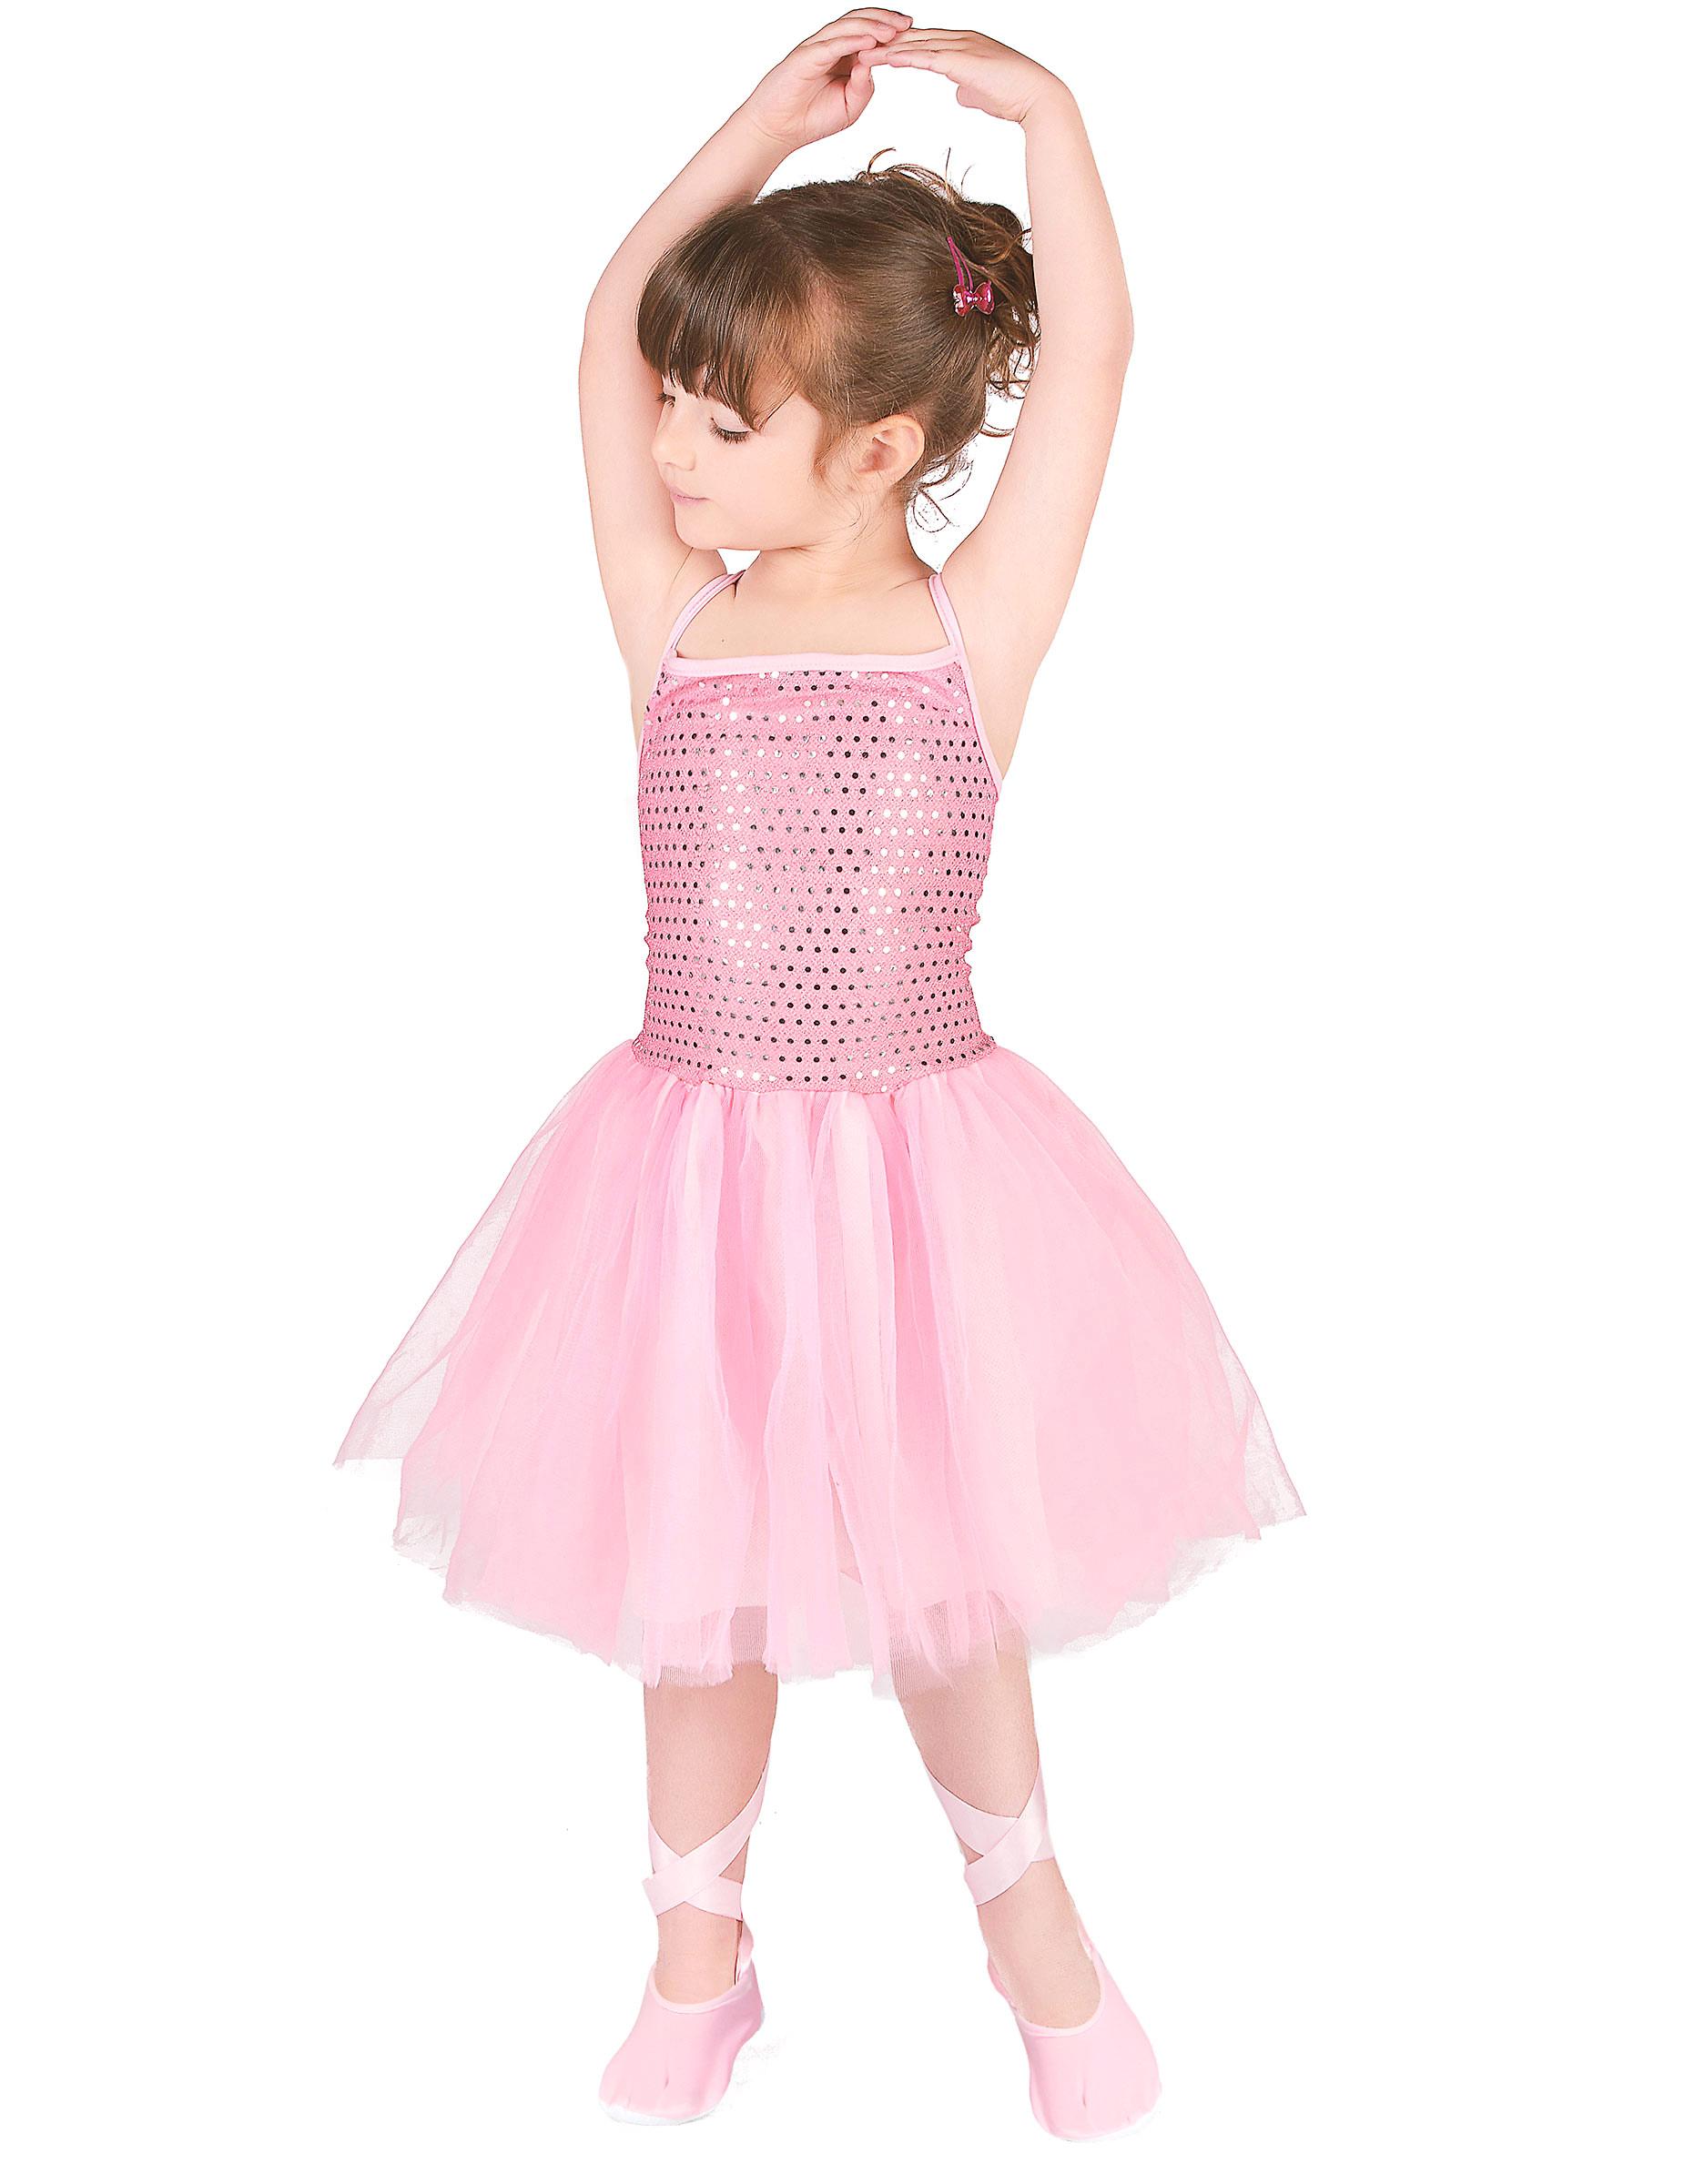 ballerina kost m f r kinder mit pailletten t nzerin rosa g nstige faschings kost me bei